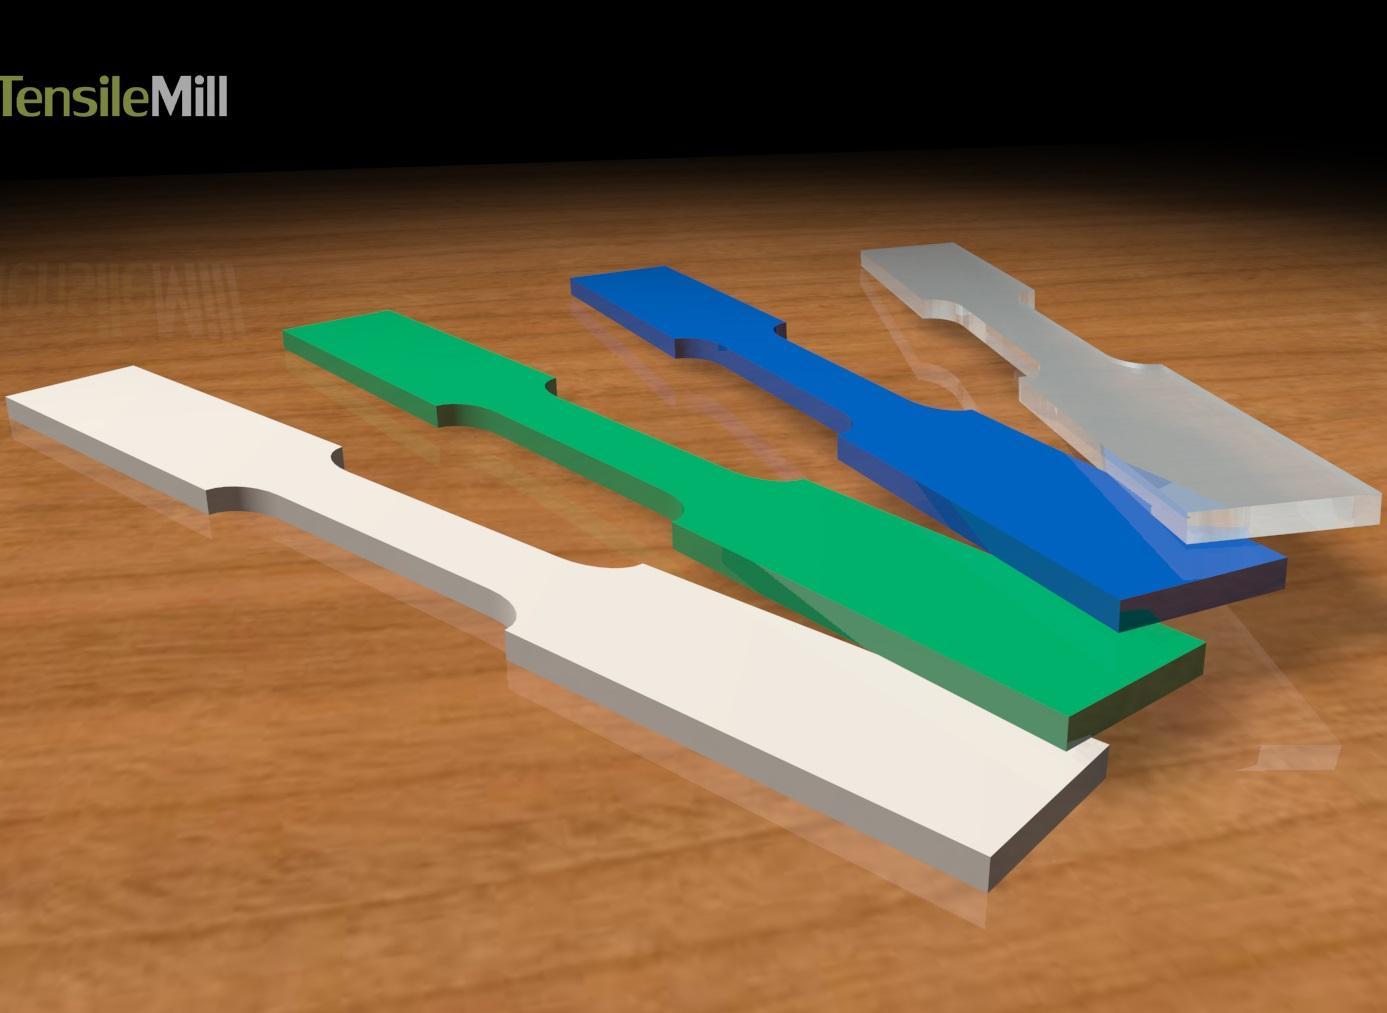 Phương pháp chuẩn bị mẫu thử kéo cho vật liệu nhựa - cao su